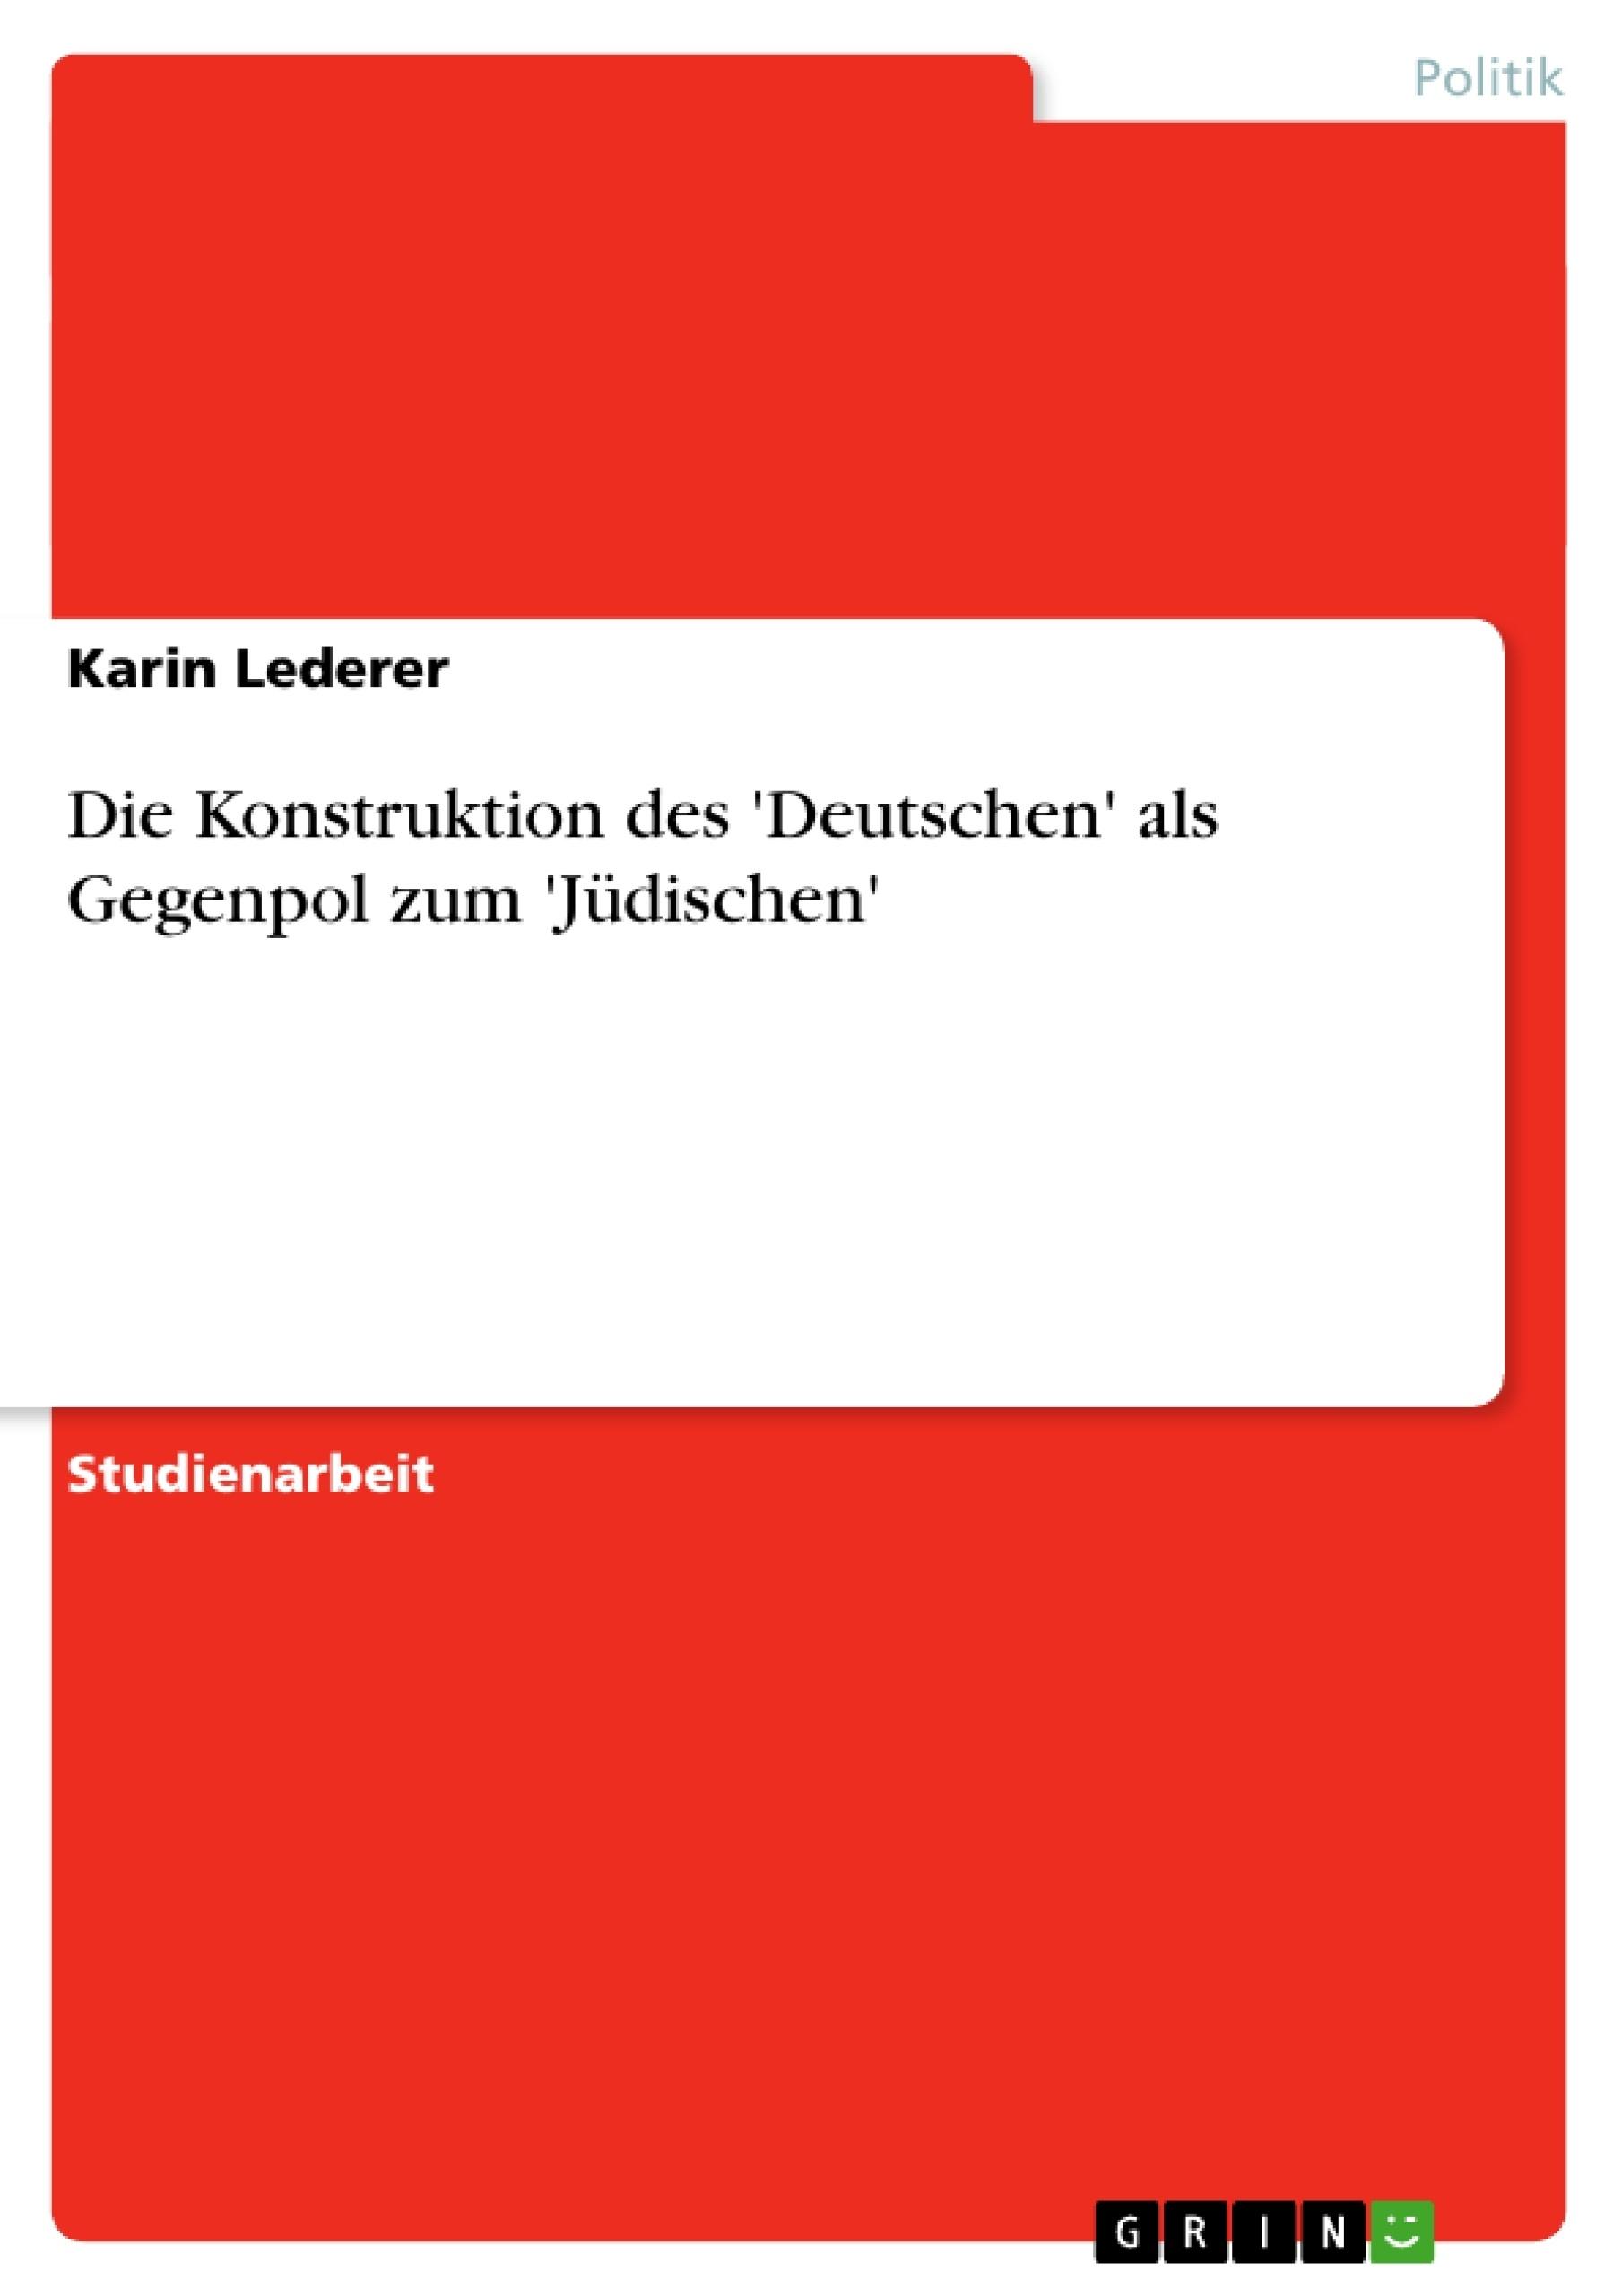 Titel: Die Konstruktion des 'Deutschen' als Gegenpol zum 'Jüdischen'